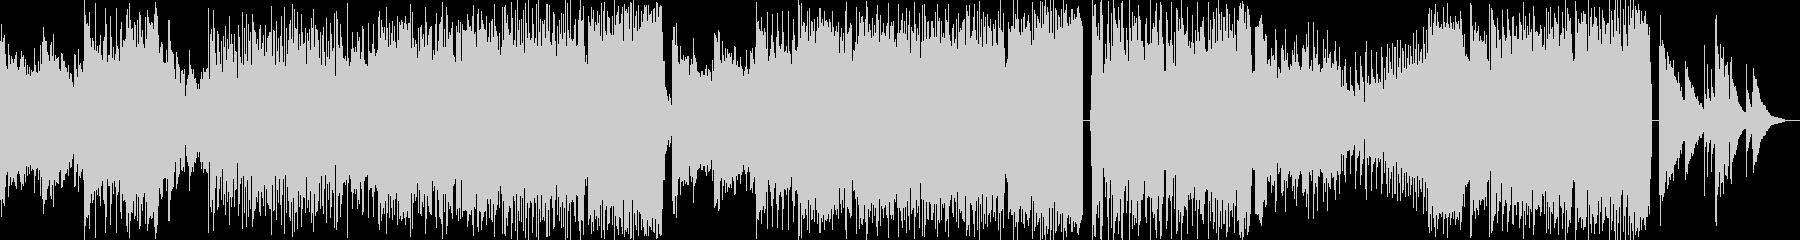 切ないアコギとピアノが印象的なEDMの未再生の波形